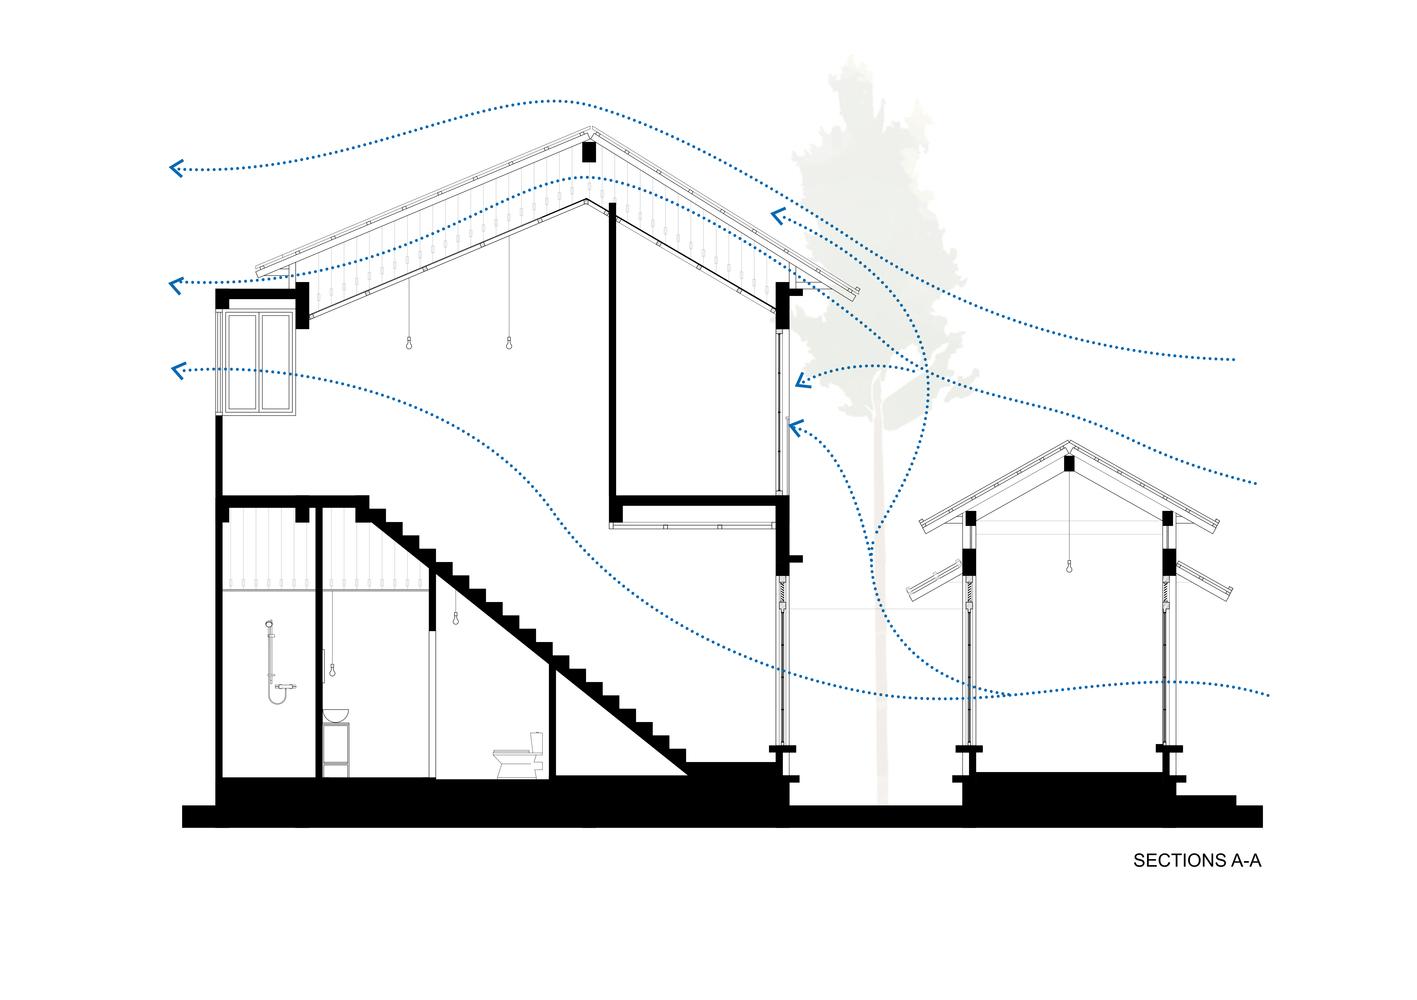 tama house - 3 1571220185 - Ngôi nhà mang đậm phong cách Nhật Bản giữa thành phố Tây Ninh